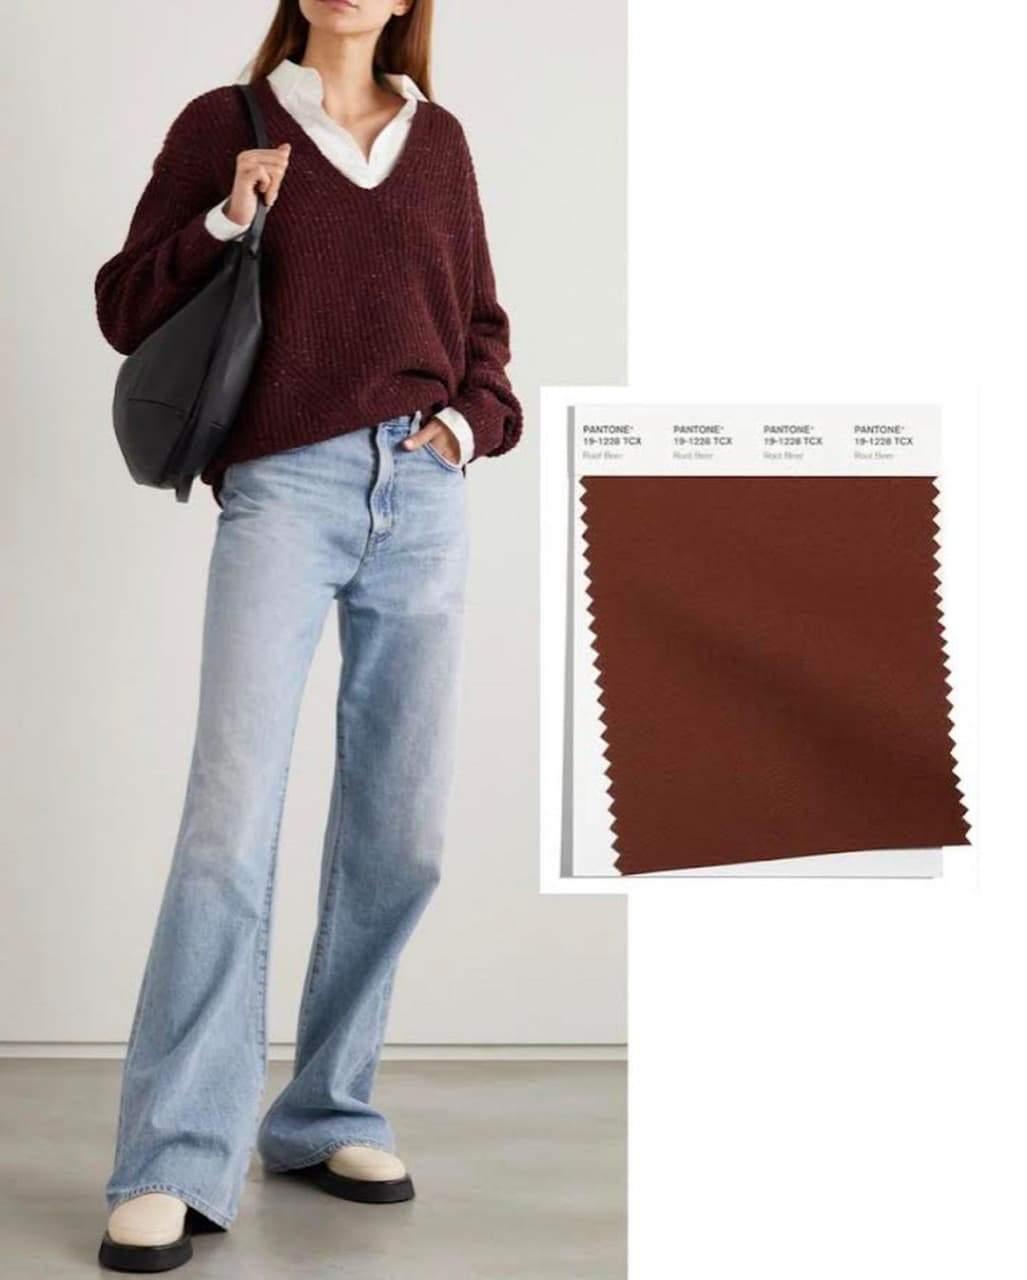 Модні кольори осінь – зима 2021/22 / Фото з інстаграму Pump Your Studio